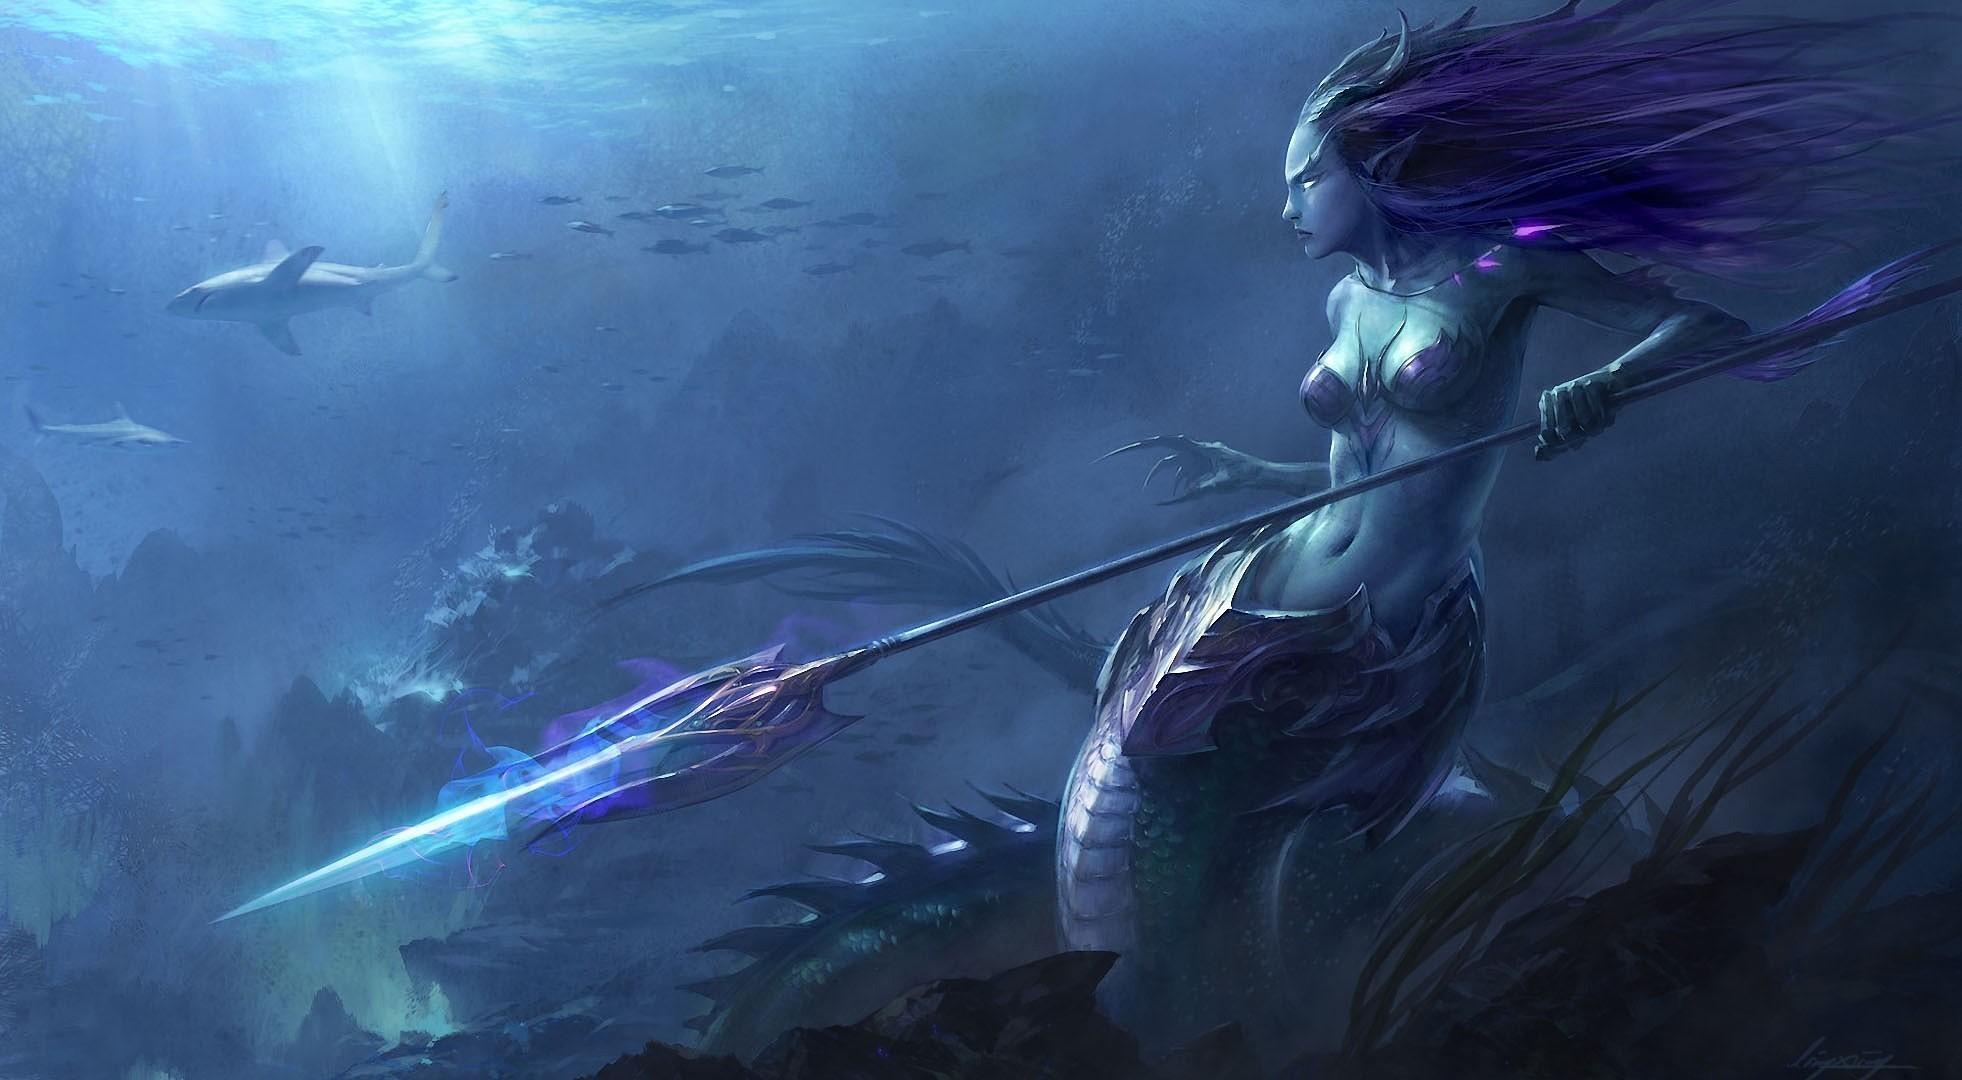 65 Mermaid Screensavers And Wallpaper